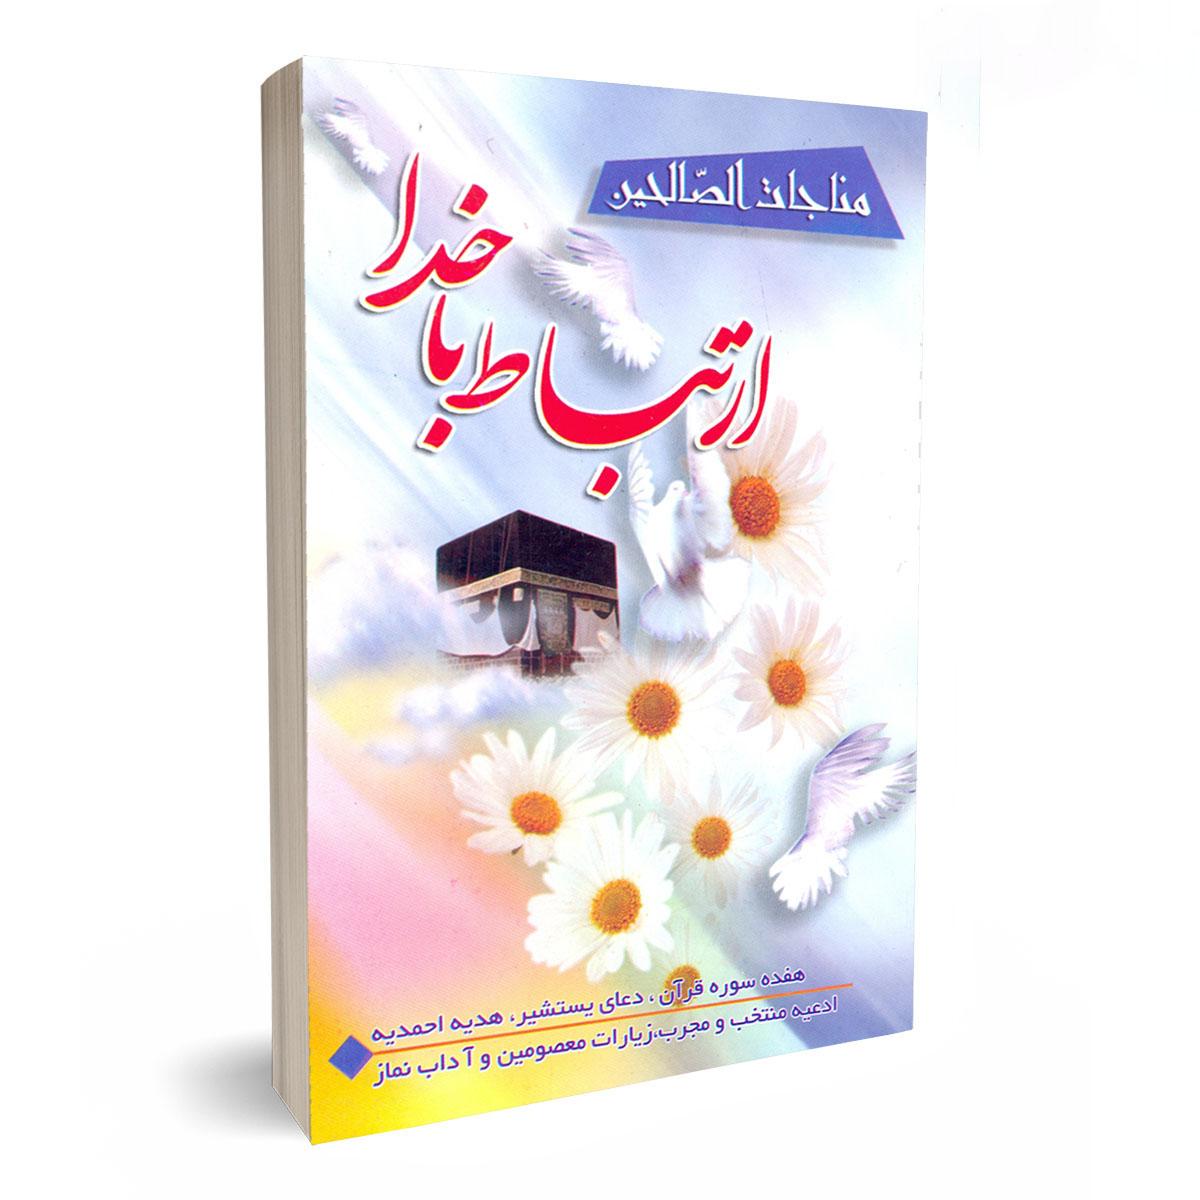 چاپ کتاب دعا برای اموات در تهران